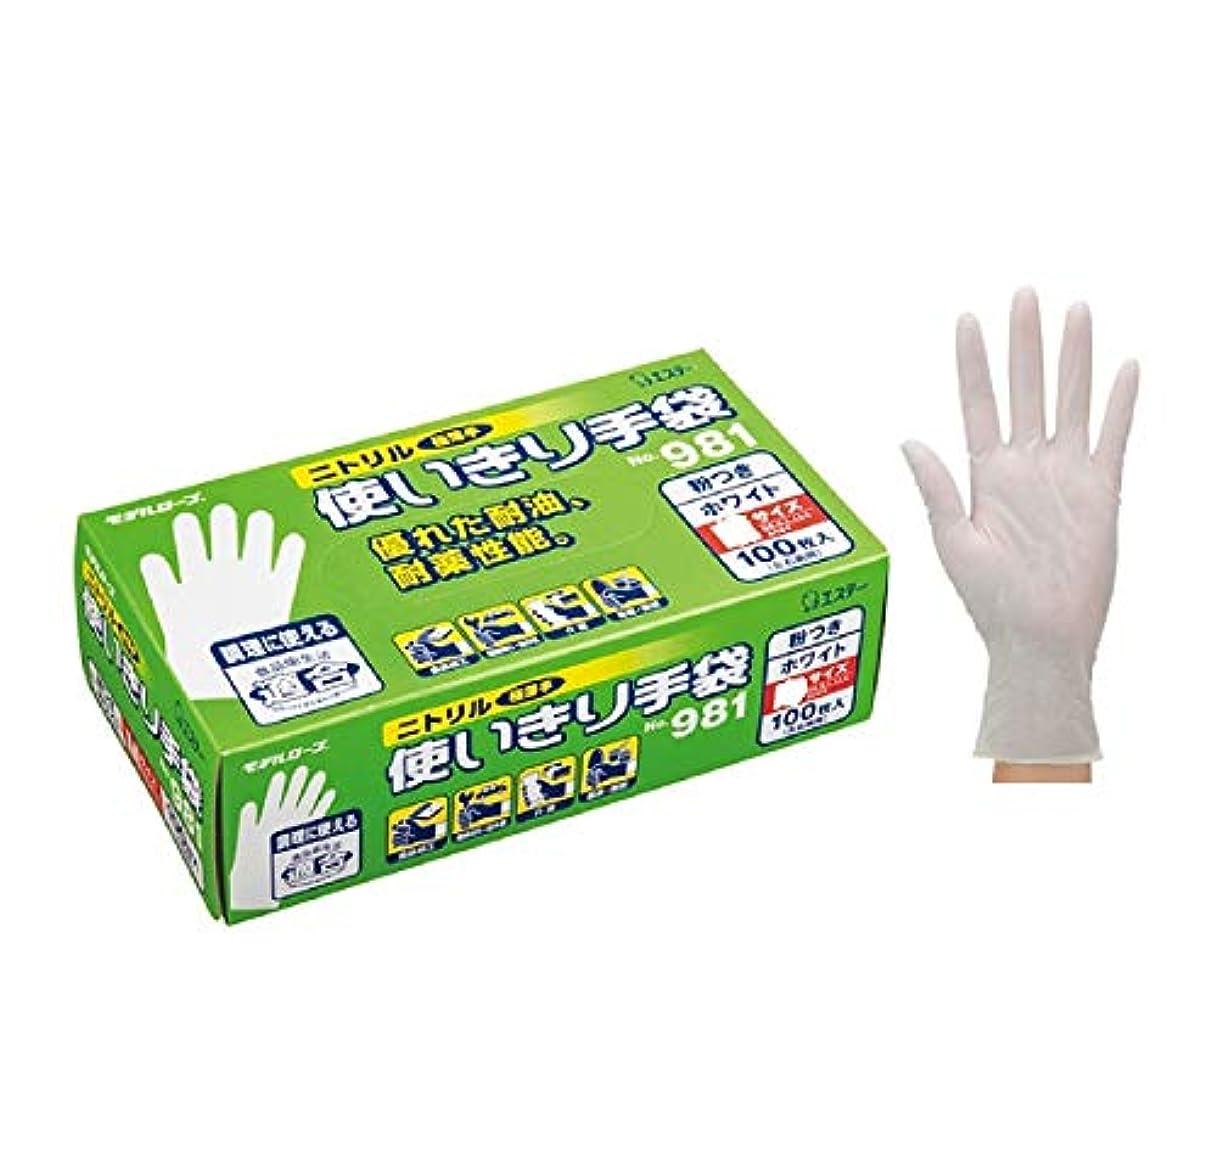 方法モネアーティキュレーションエステー ニトリル手袋/作業用手袋 [粉付 No981/S 12箱]